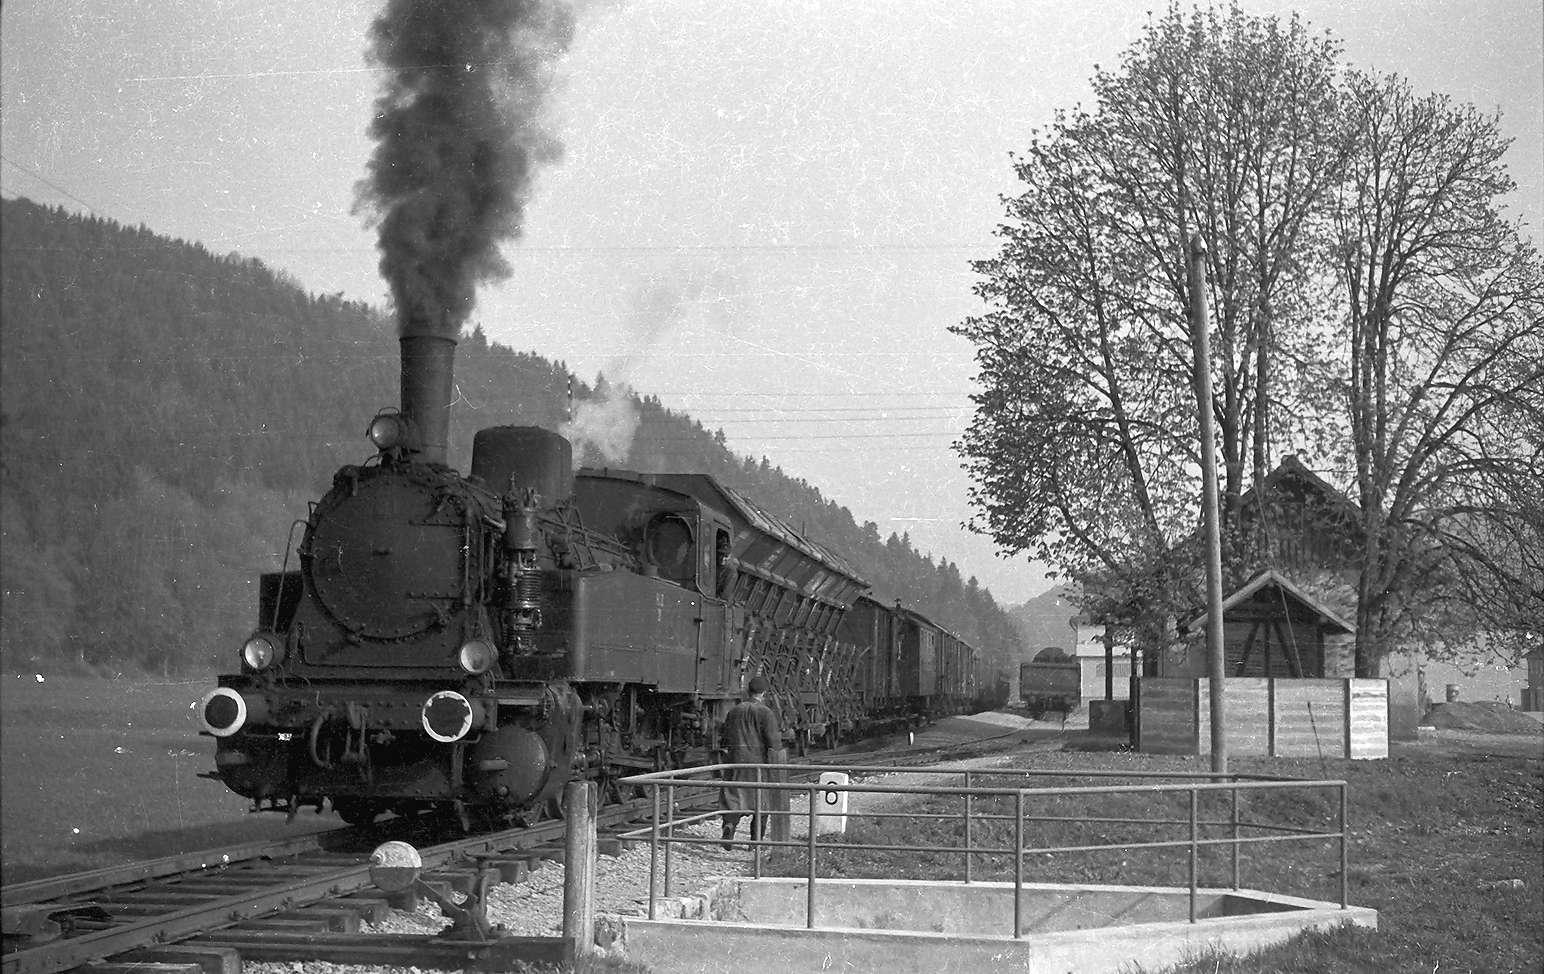 Lok 21, G(St) 305, Bahnhof Bad Imnau, erbaut 1901, Abbruch 1987, zeitweise Bahnhofsgaststätte; eines der letzten Aborthäuschen; Bremser Georg Schmid (1929 - 2002) aus Hart, bei der Landesbahn 1954 - 1989 beschäftigt, Bild 1